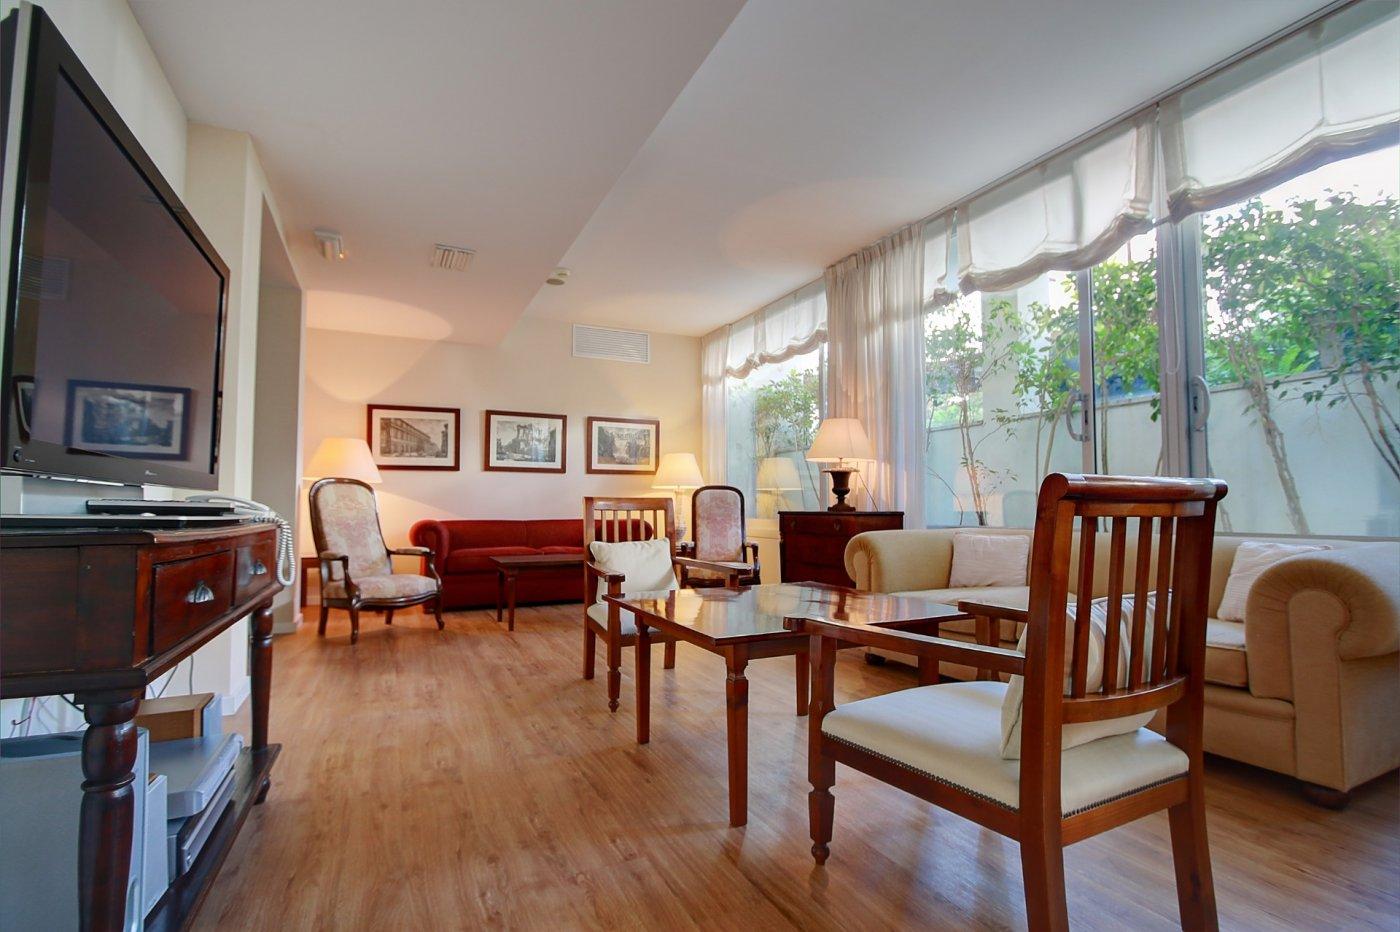 Apartamento en venta las arcadias - general riera. - imagenInmueble13